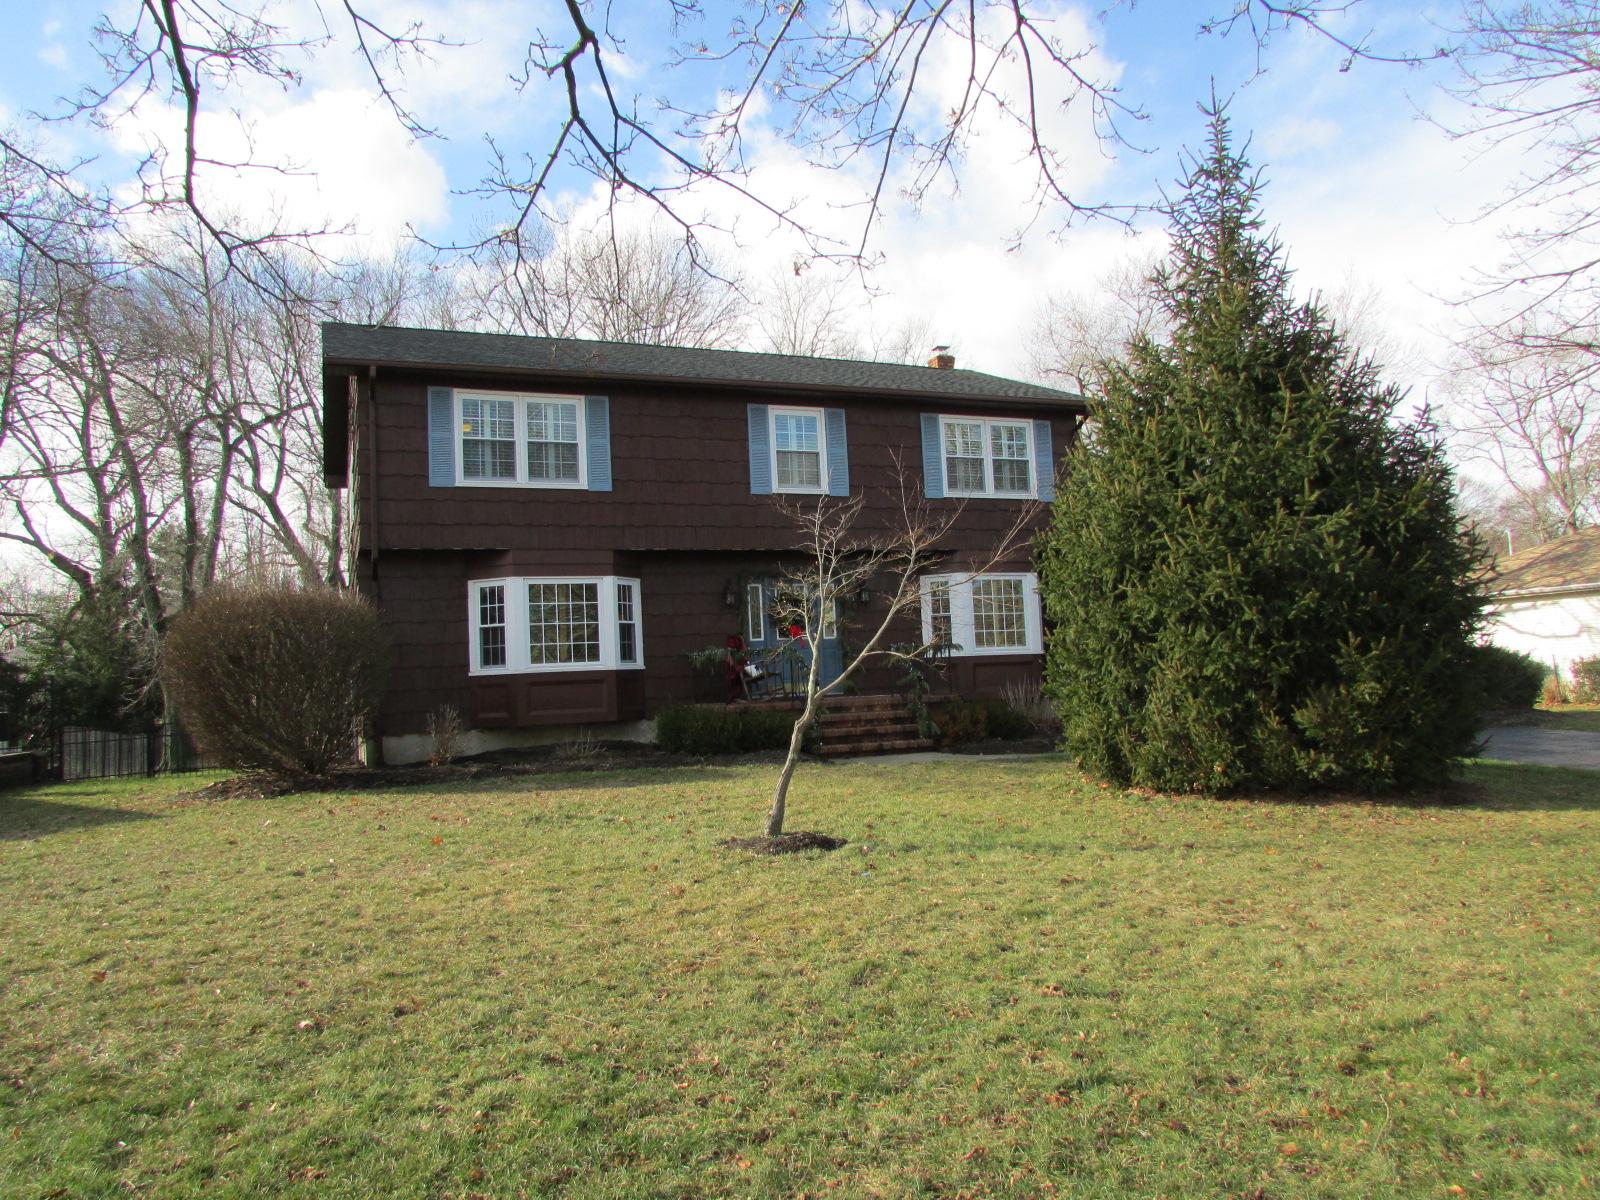 独户住宅 为 销售 在 23 Jeryl Street 伊顿敦, 新泽西州 07724 美国